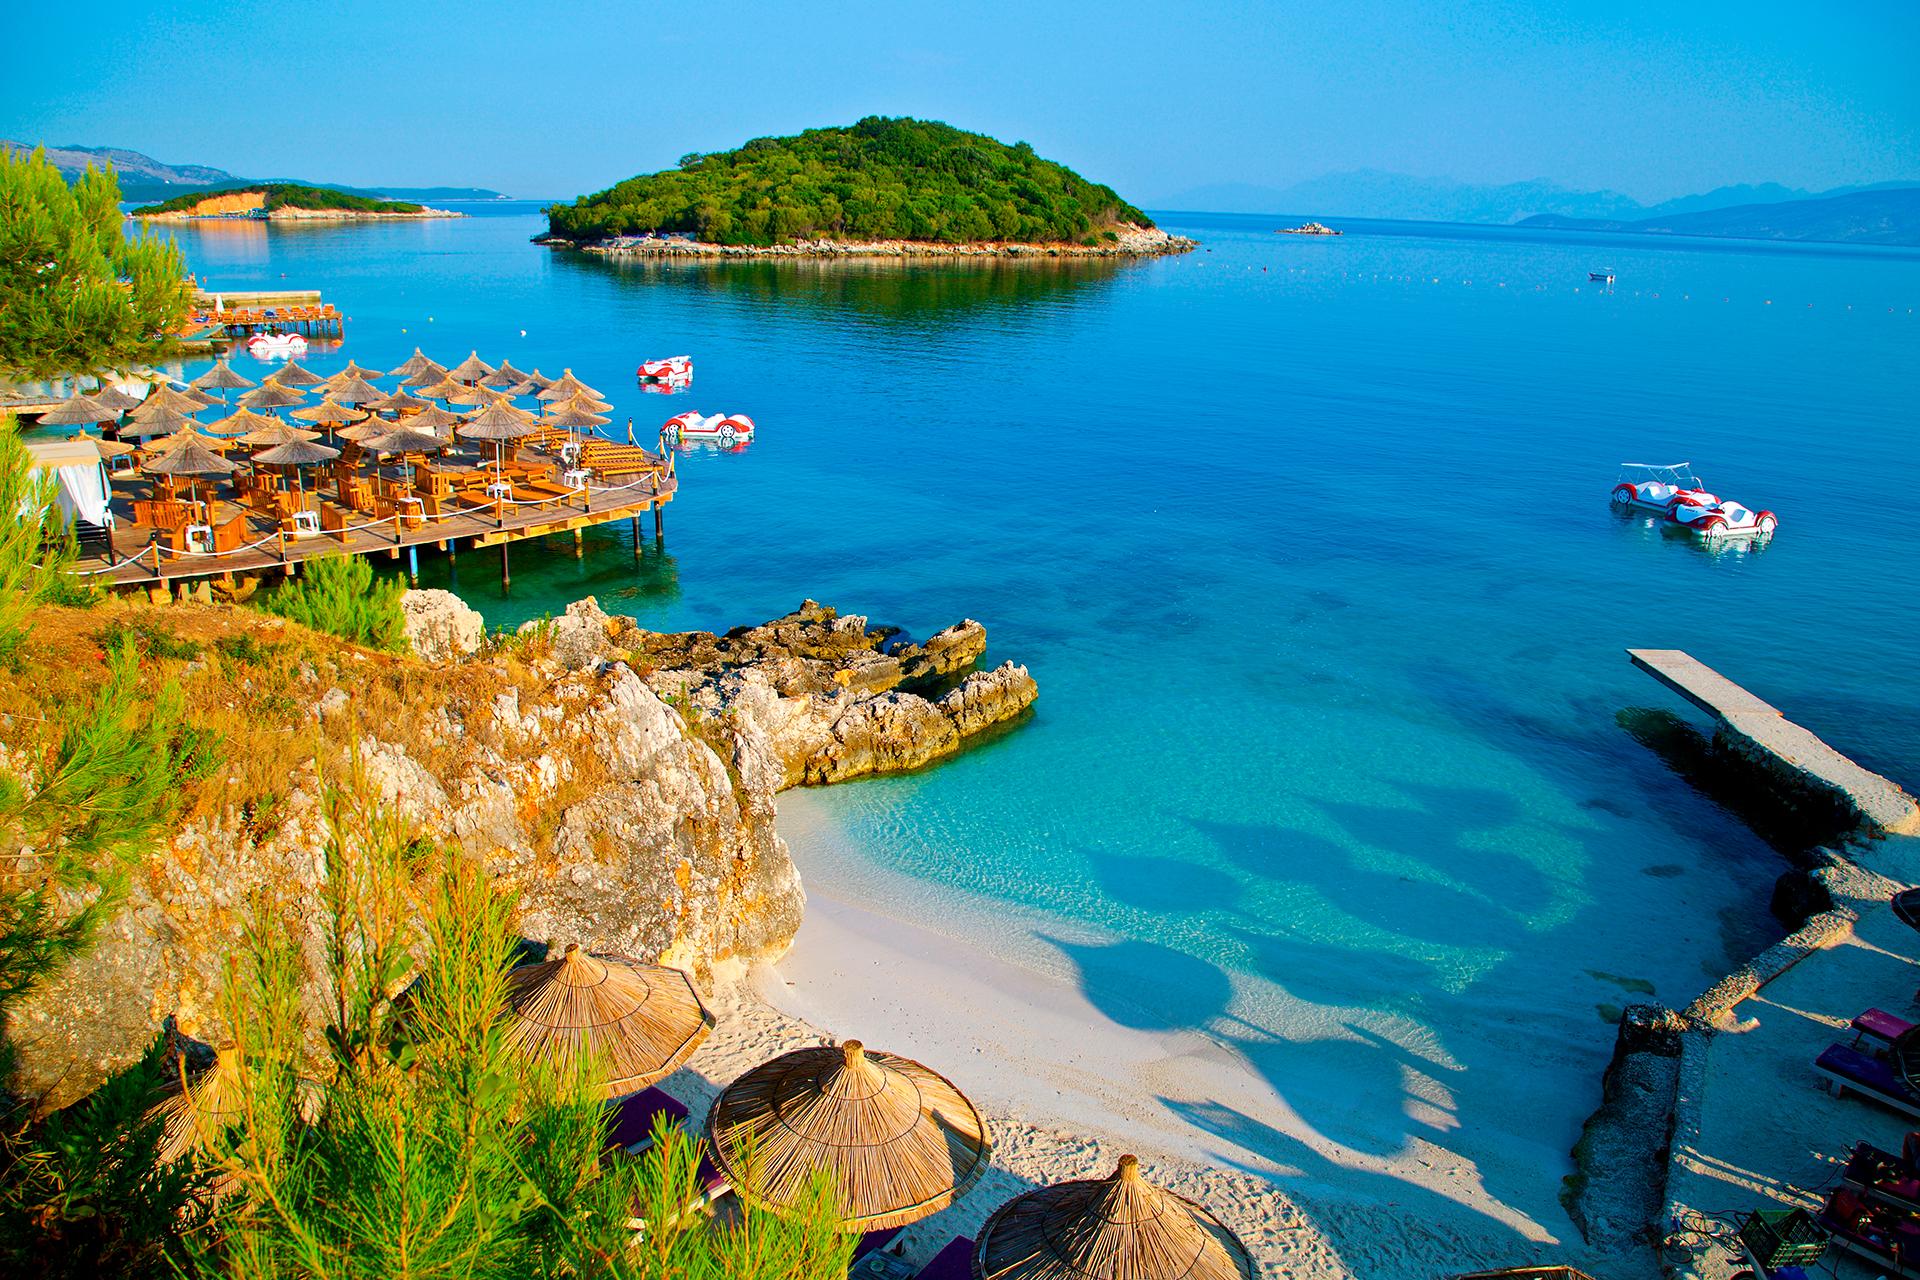 La ciudad portuaria de Saranda emerge como la pequeña capital de esta zona tan cercana a Grecia. Situada entre el mar Jónico y montes llenos de olivares, la localidad está en una bahía en forma de herradura, bordeada de playas y un paseo marítimo